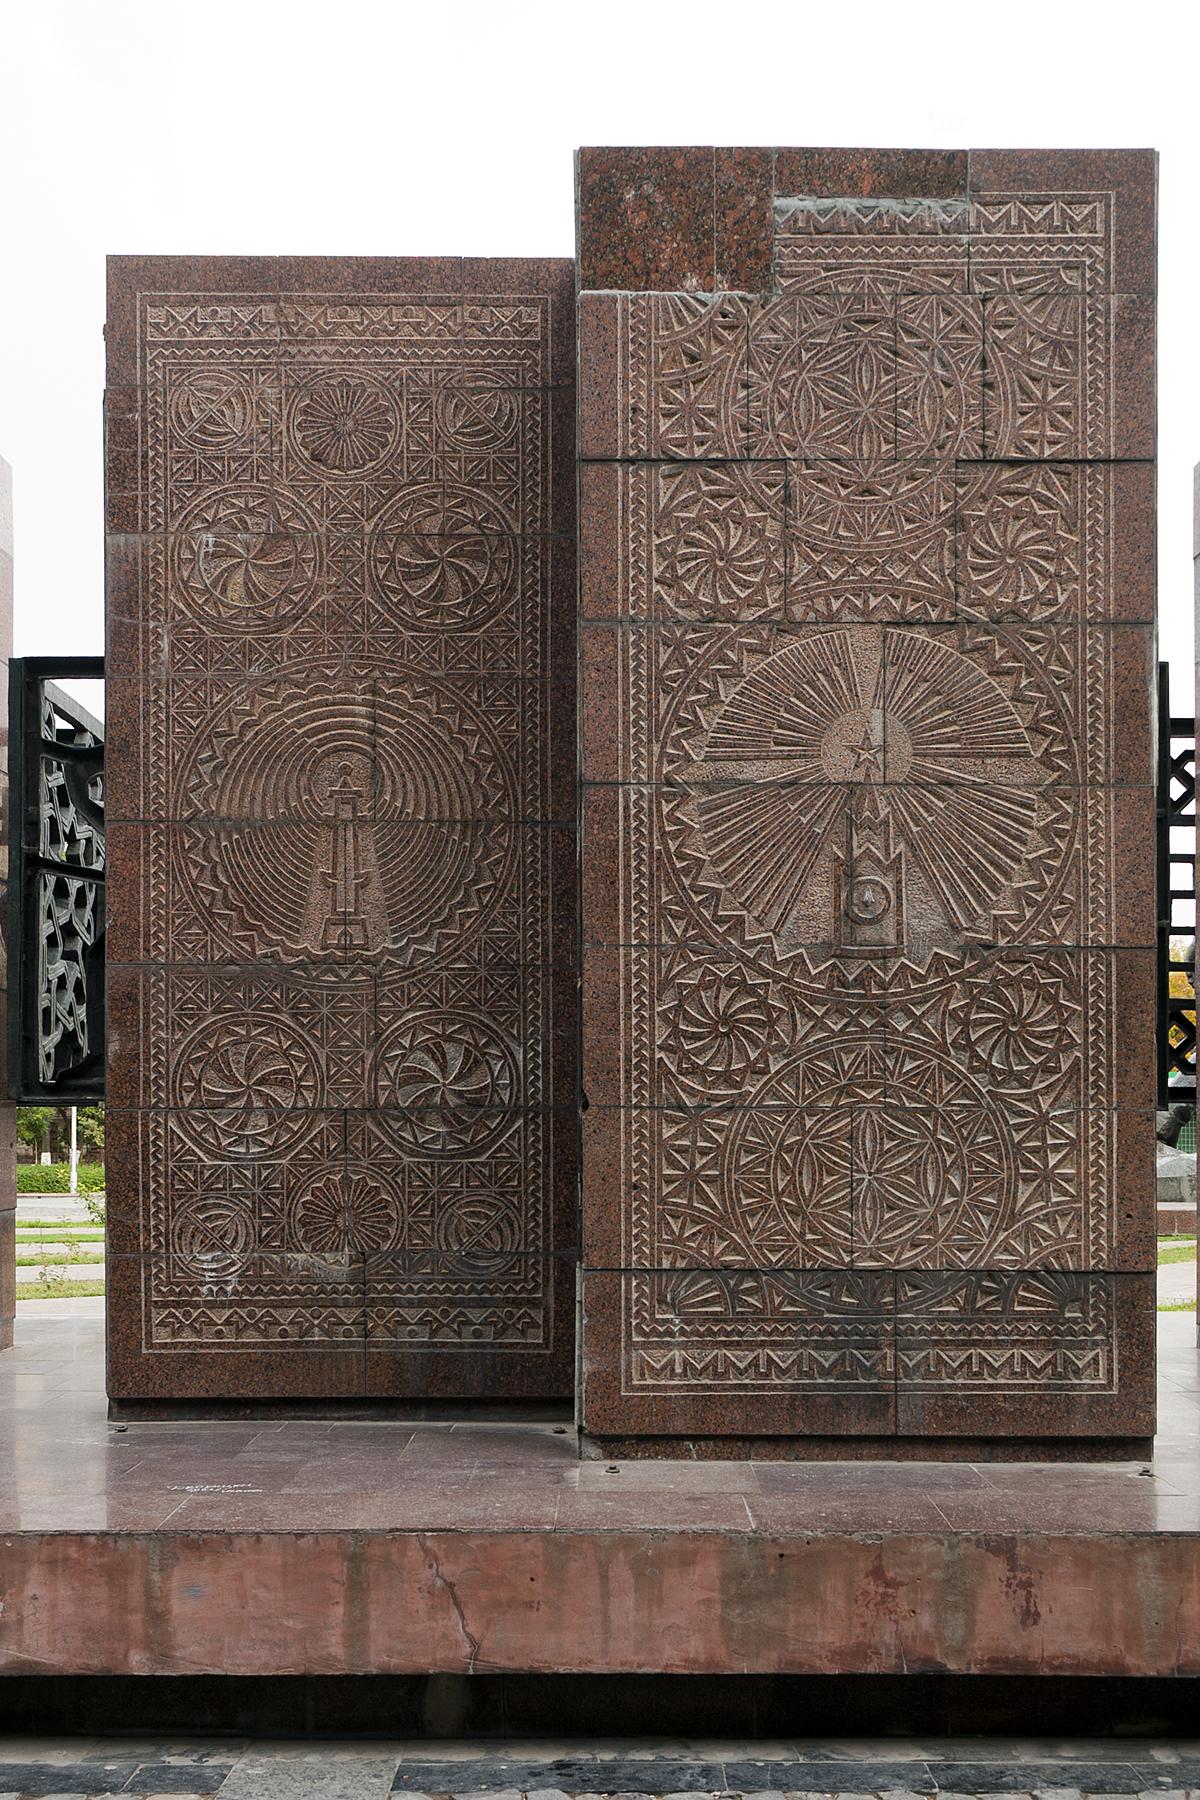 Rückseite des Denkmals für die Opfer des Erdbebens vom 26.04.1966